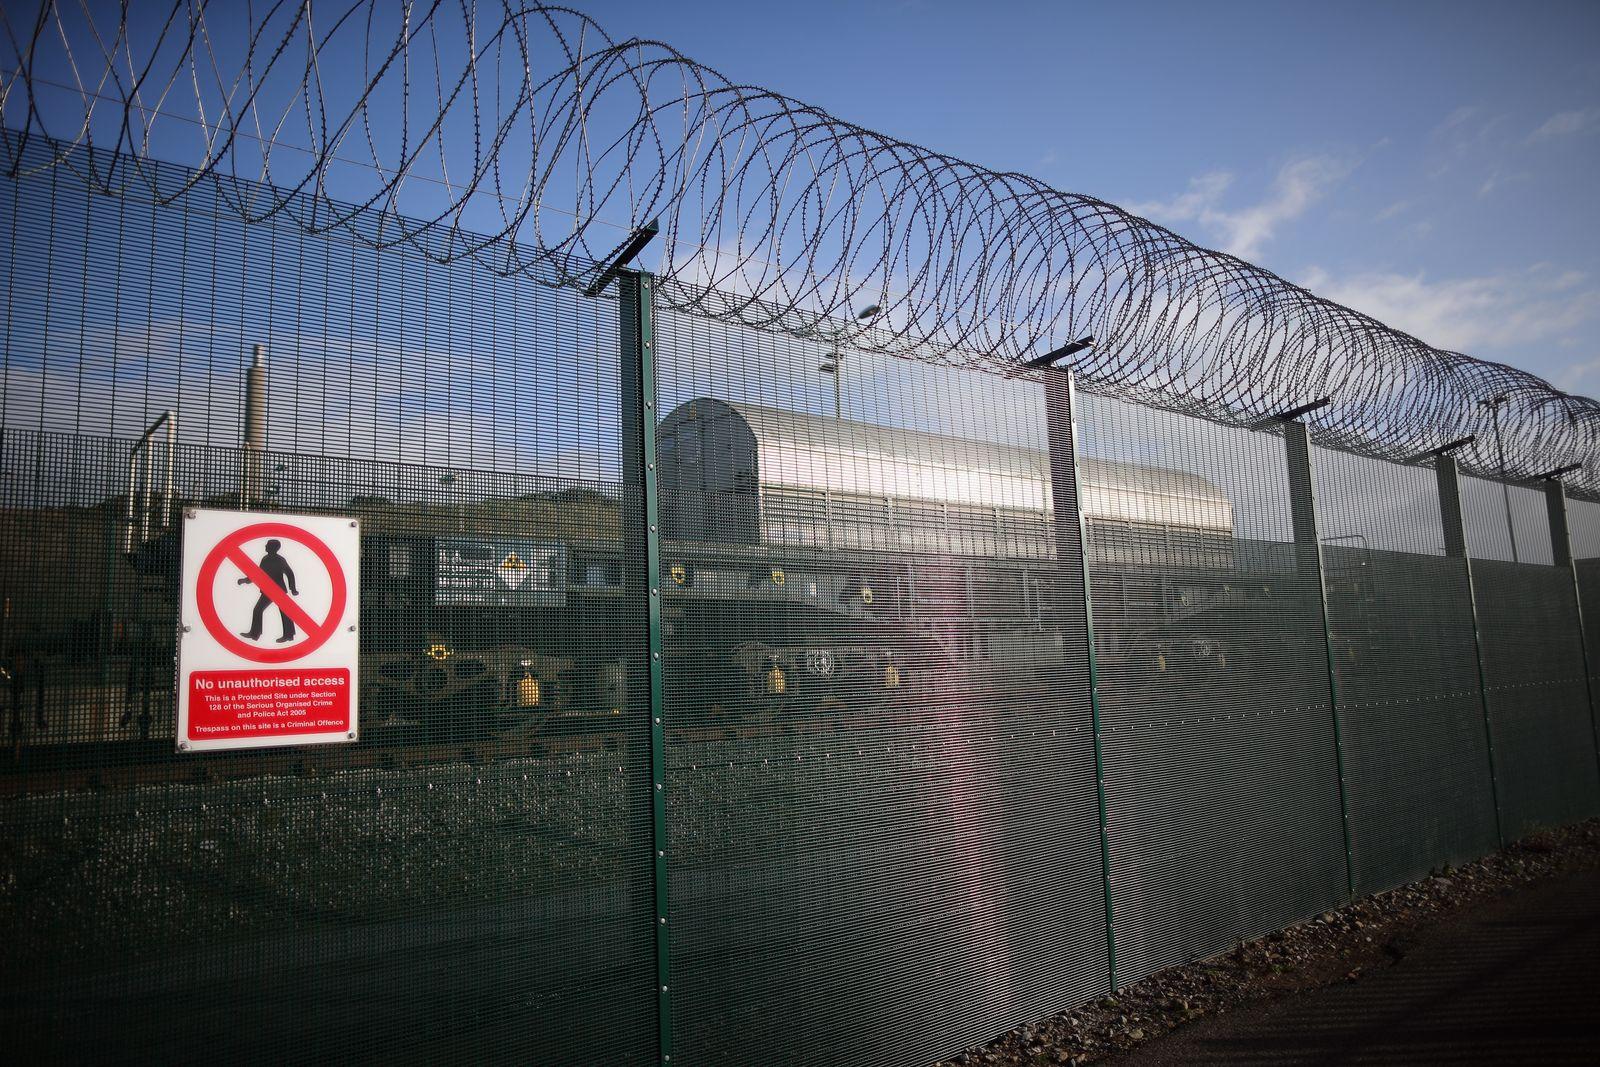 Sellafield / Krafwerk